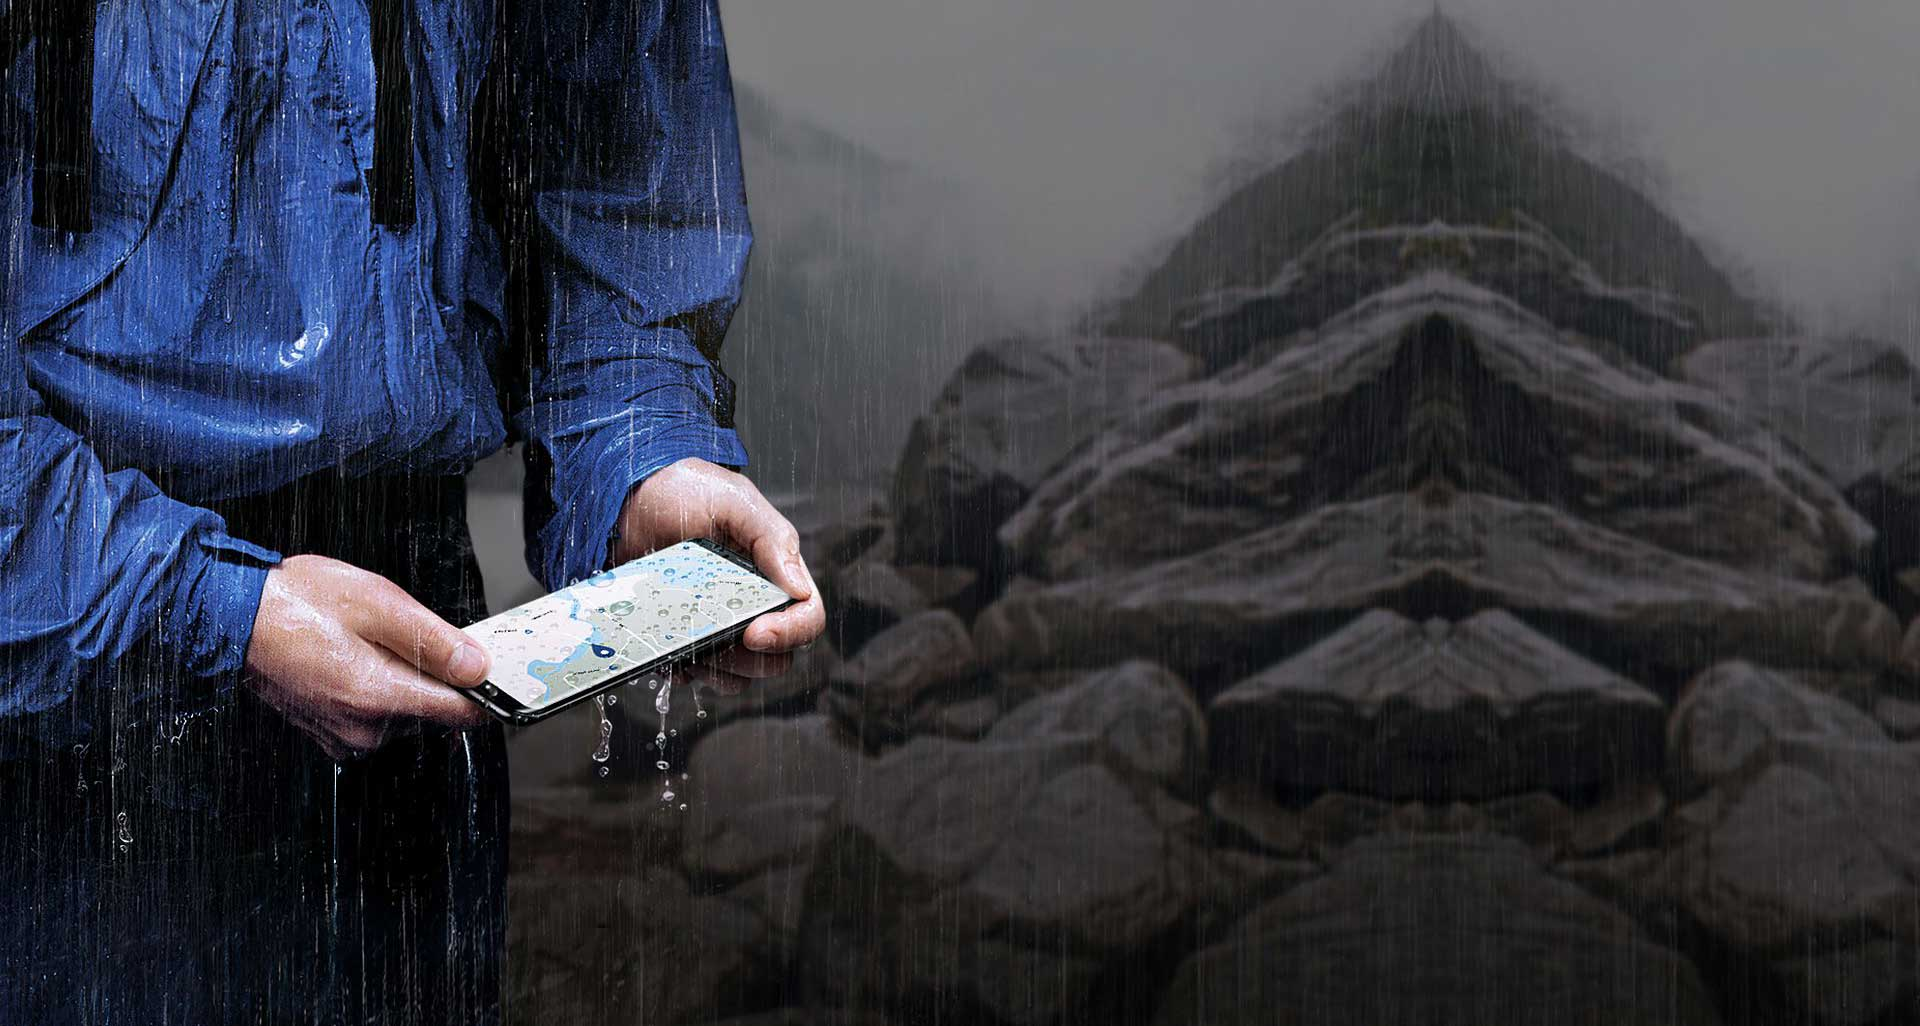 محافظت از گوشی SM-G955fd در برابر آب و گرد و غبار